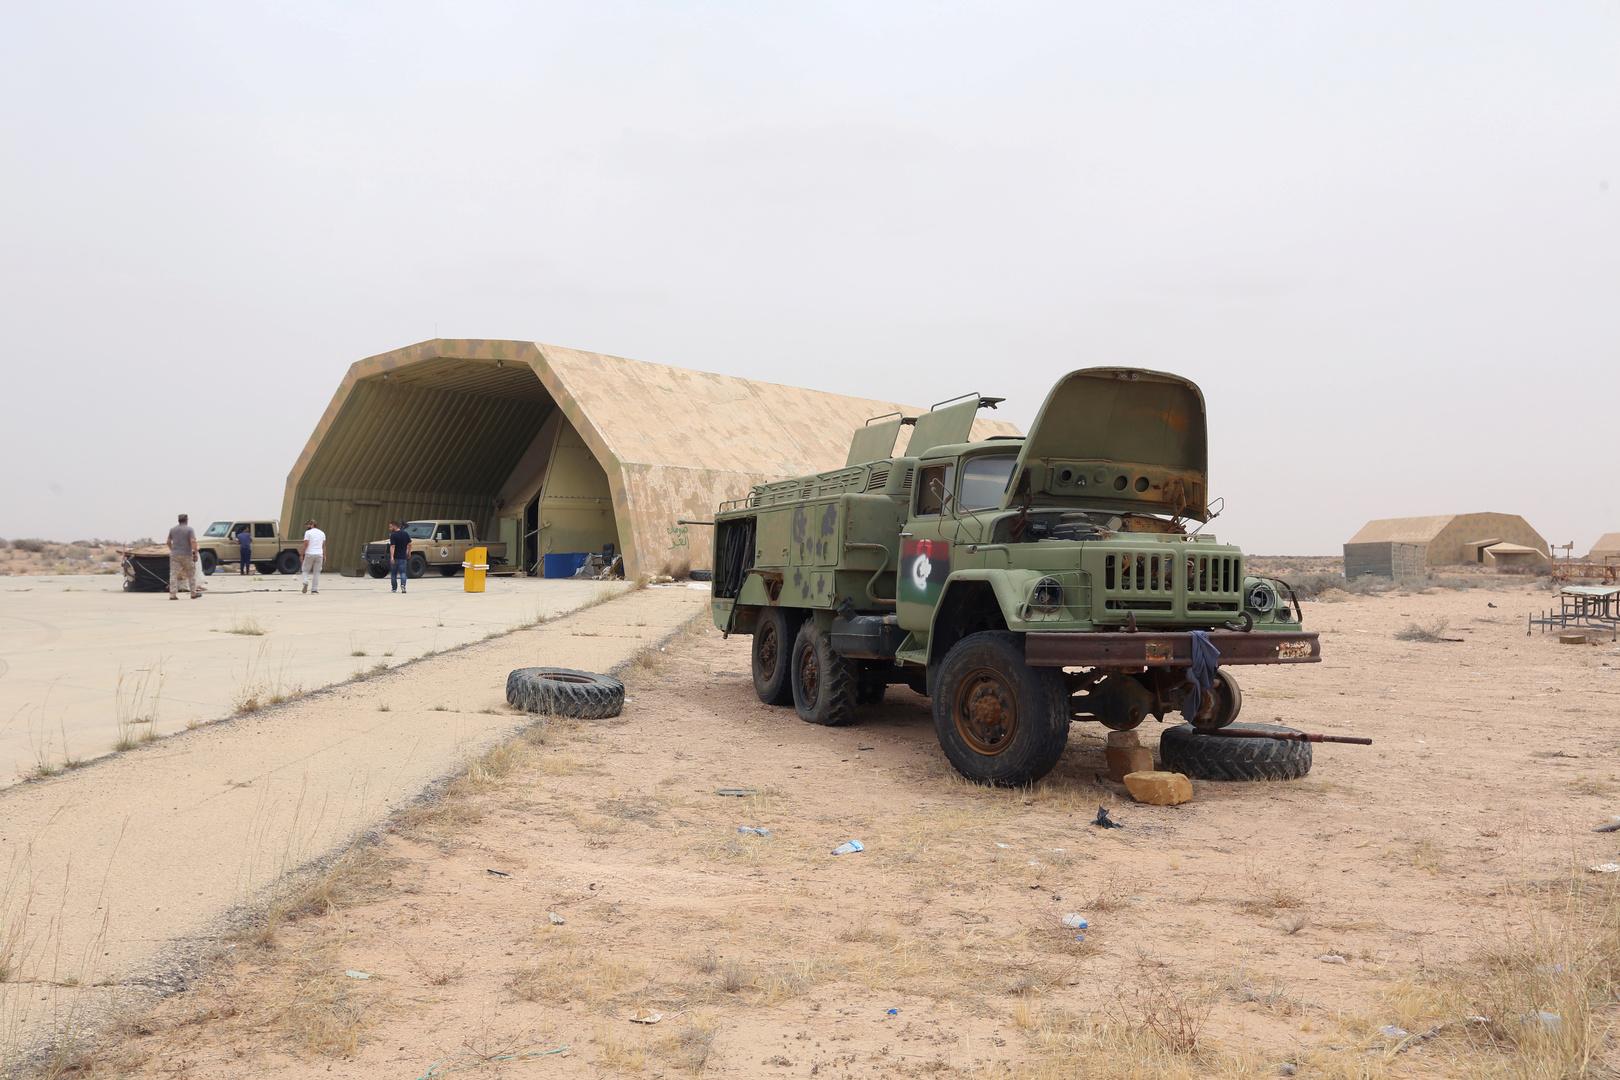 تركيا مدت جسرا.. شاحنات مجنحة أوصلت شحنات سرية إلى ليبيا -